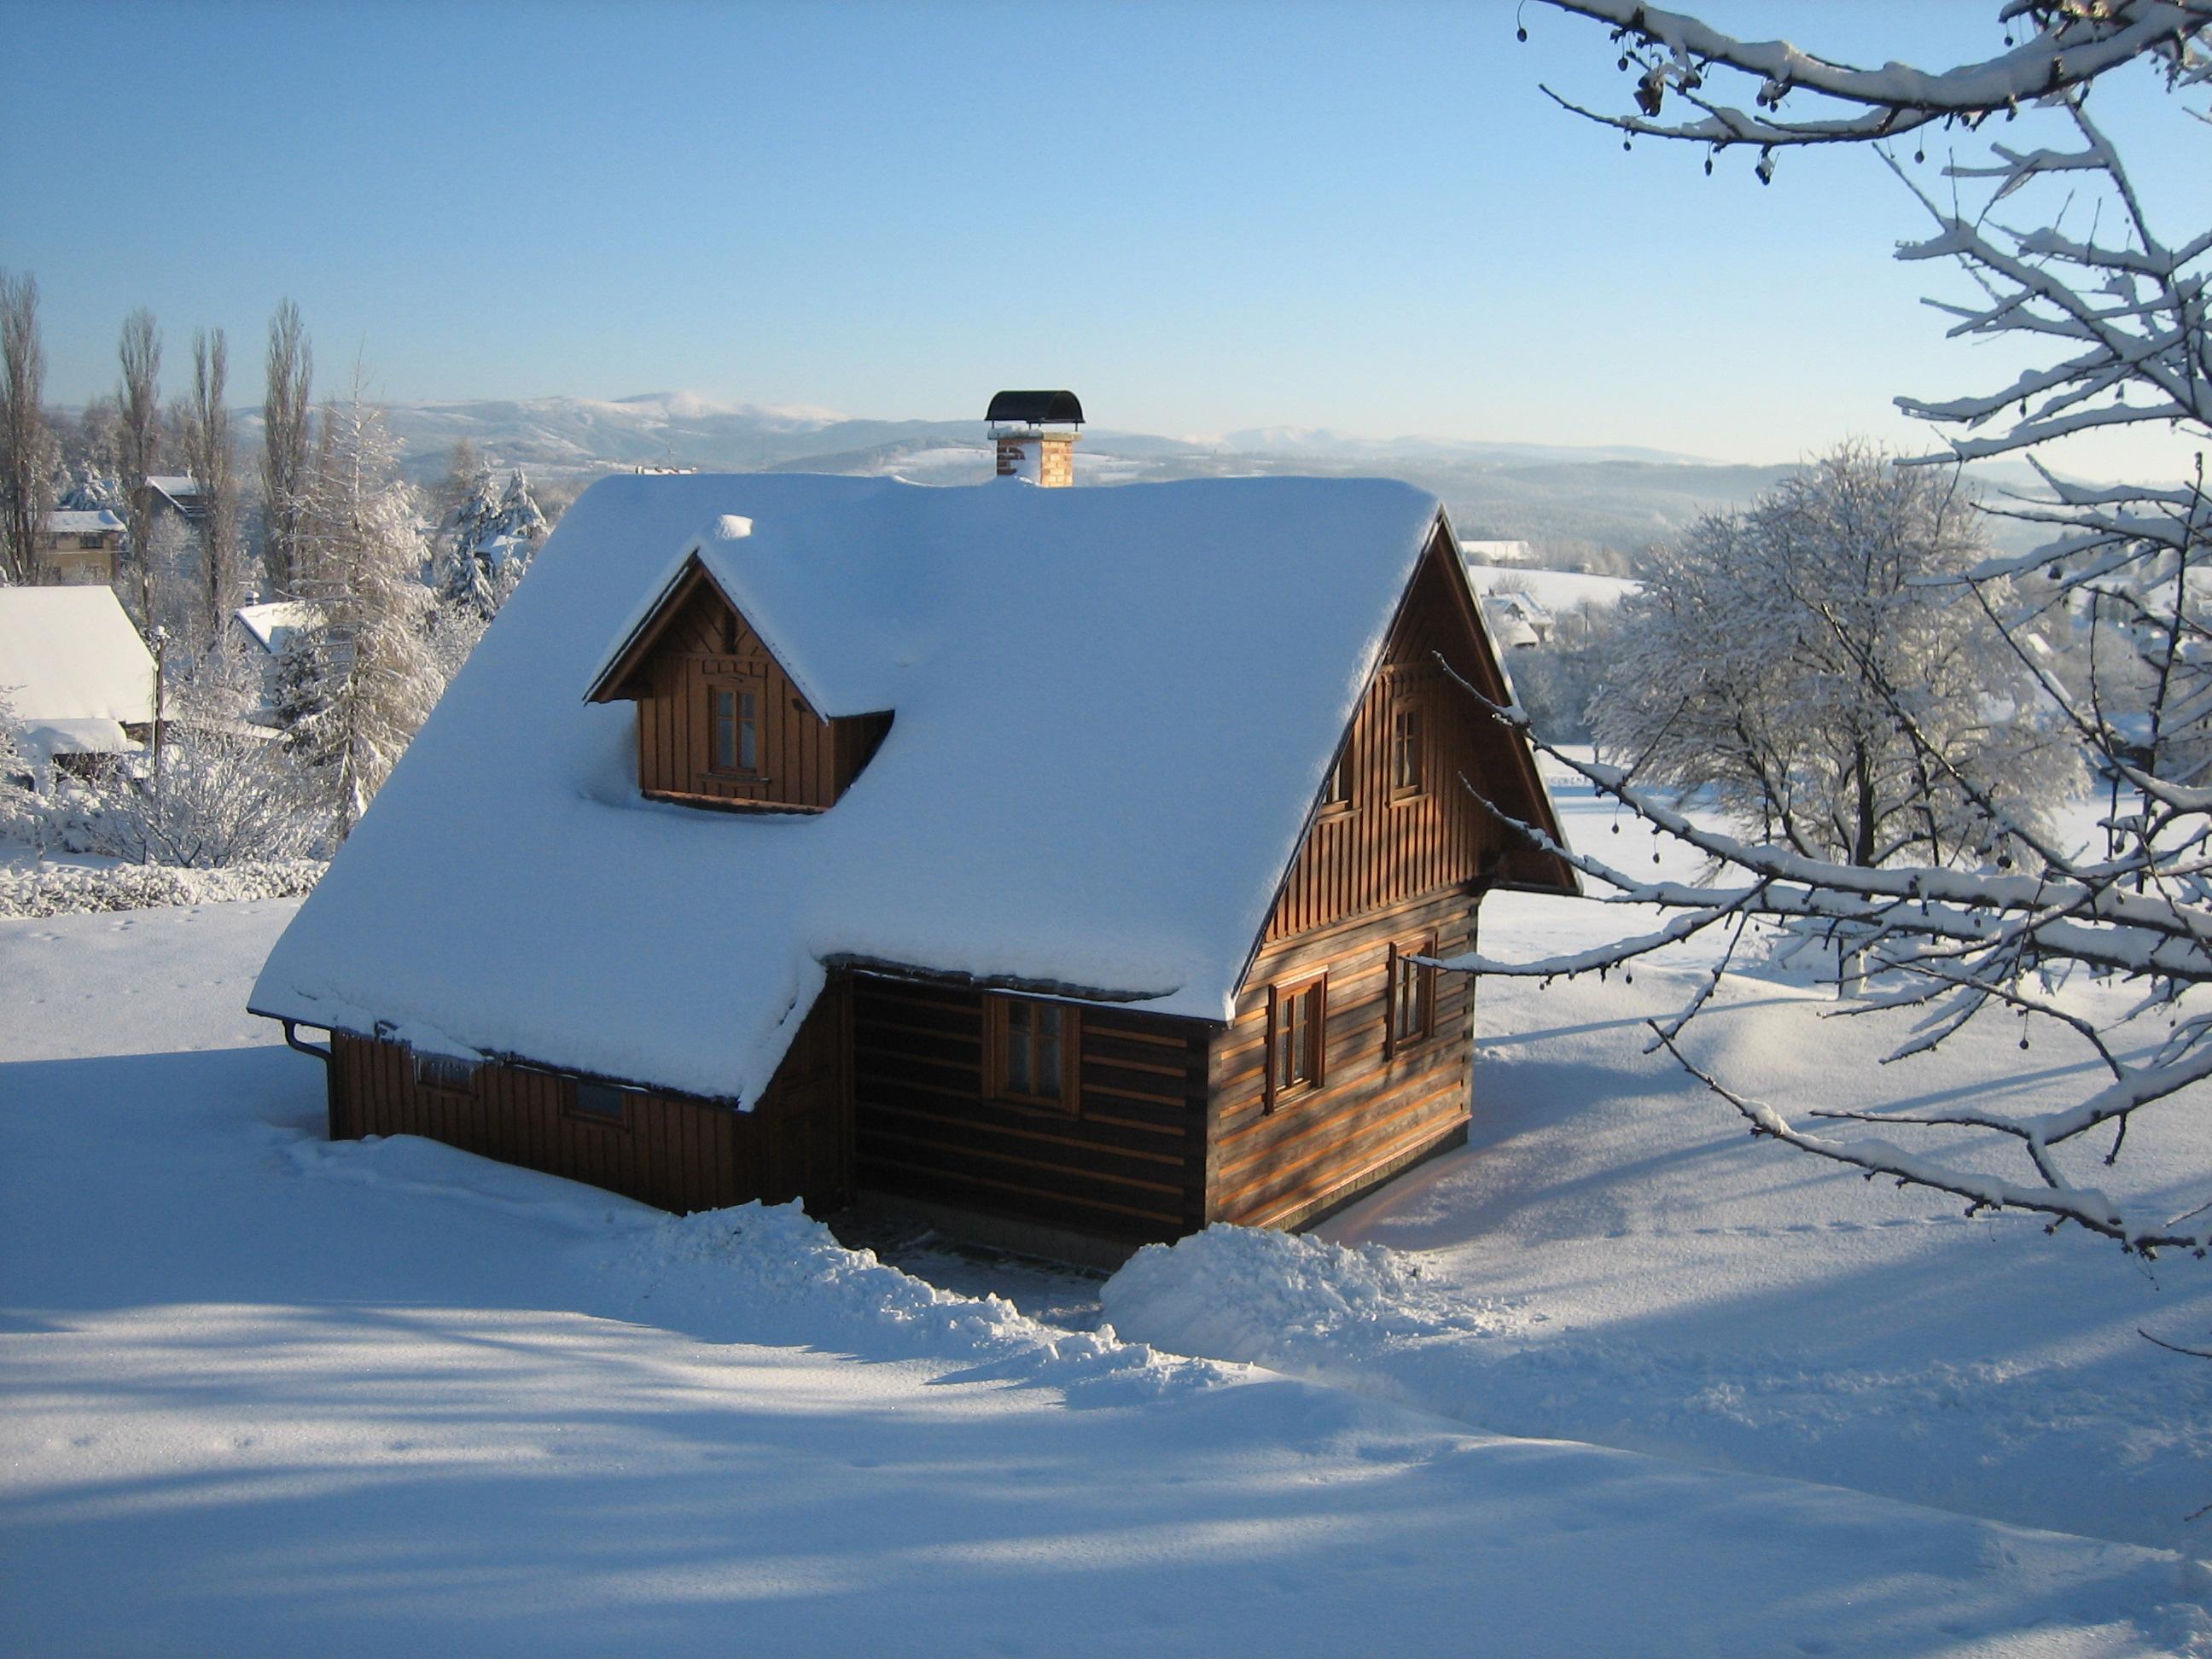 roubenka v zimě, pohled až na hřebeny Krkonoš